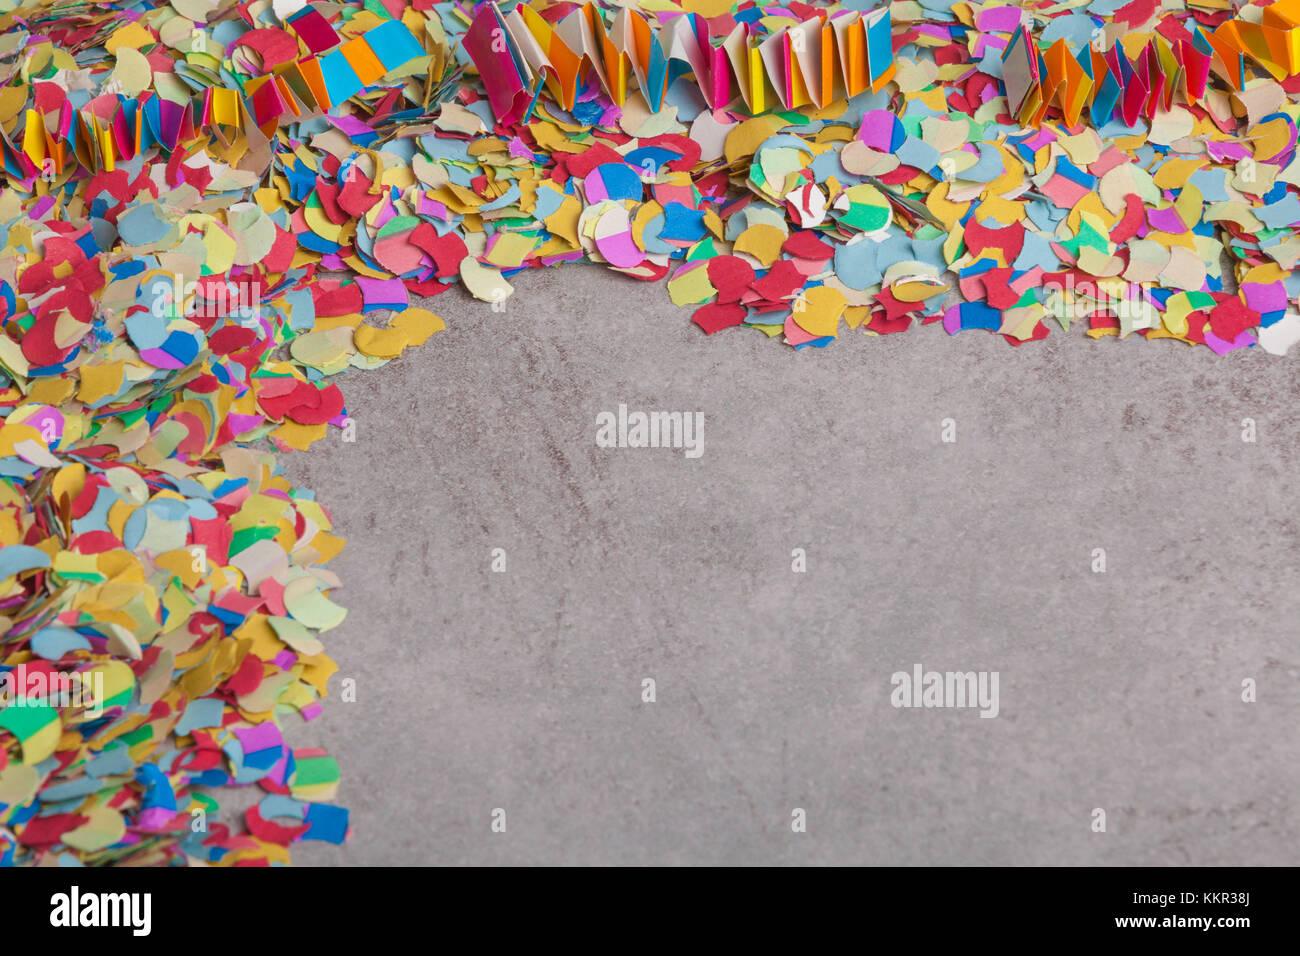 Karneval Hintergrund Stockfotos Karneval Hintergrund Bilder Alamy